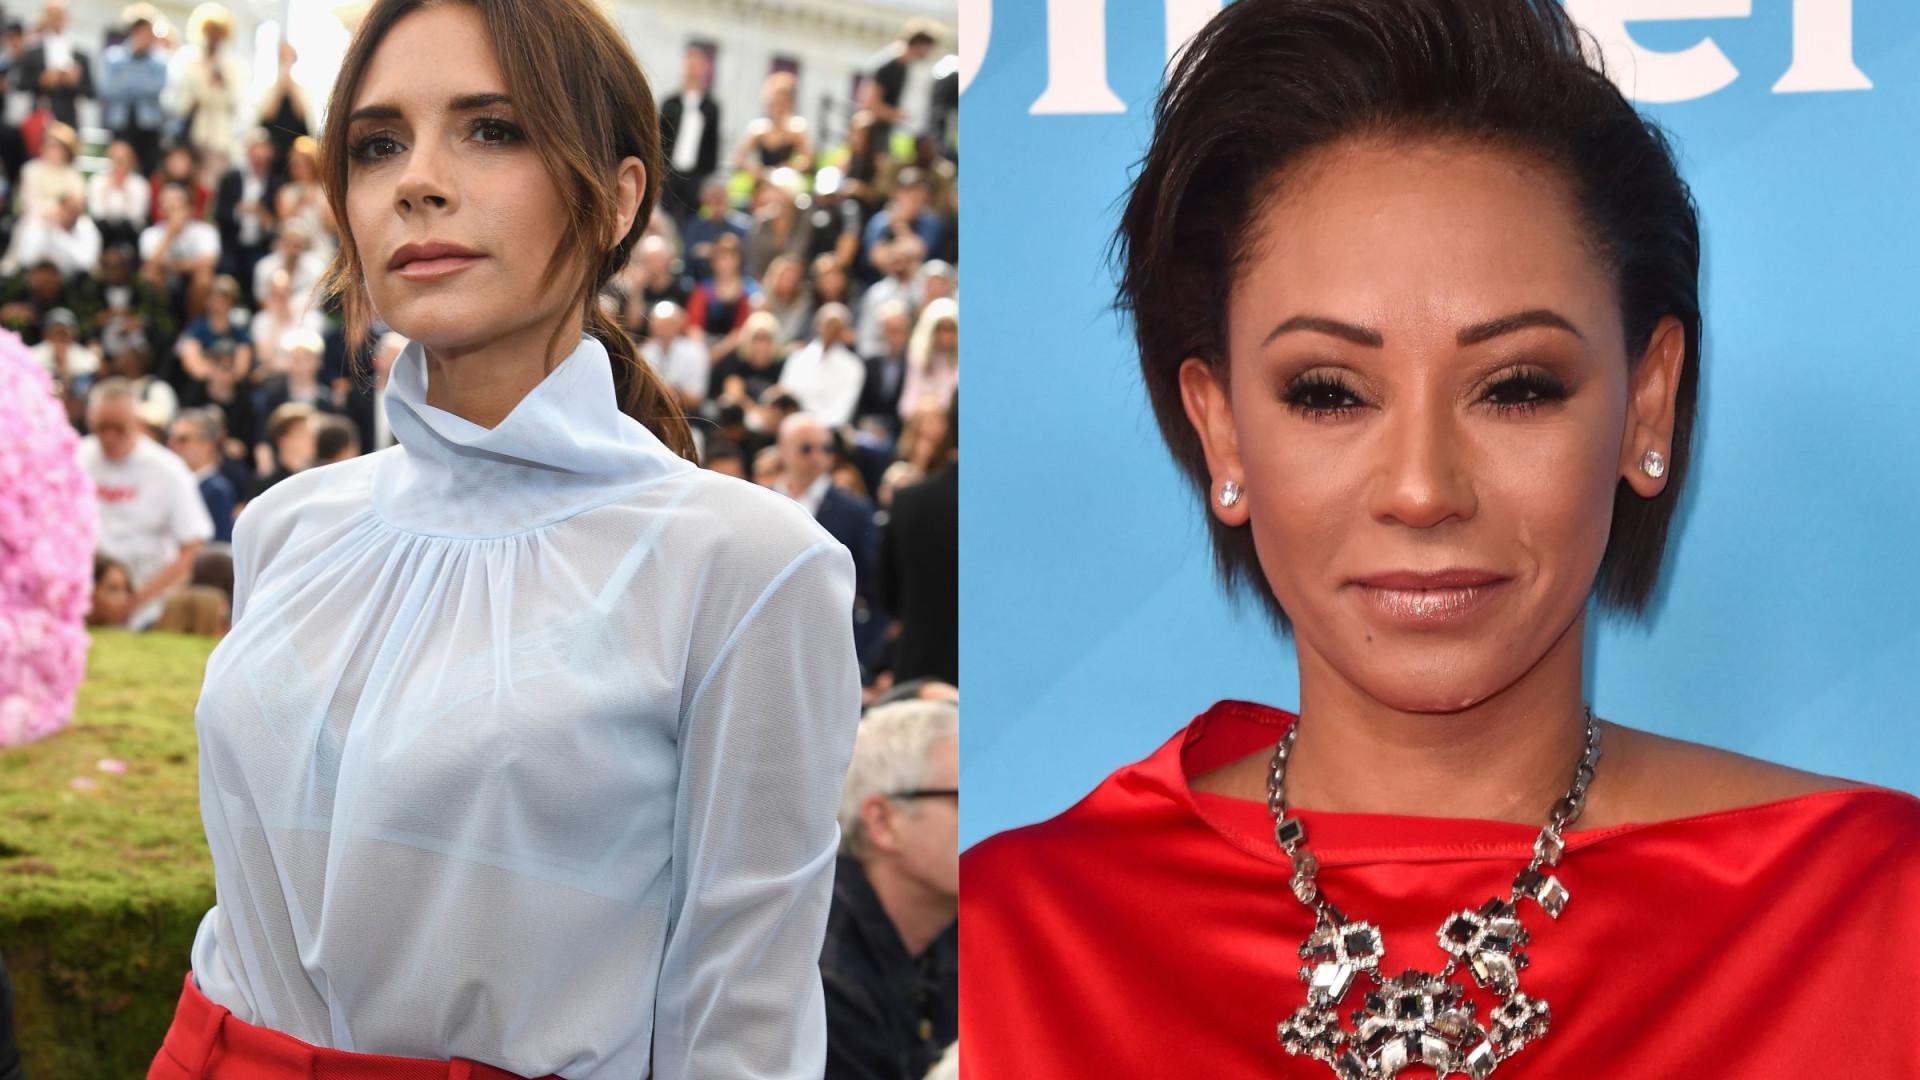 Clima pesado: Victoria Beckham muito irritada com Melanie Brown